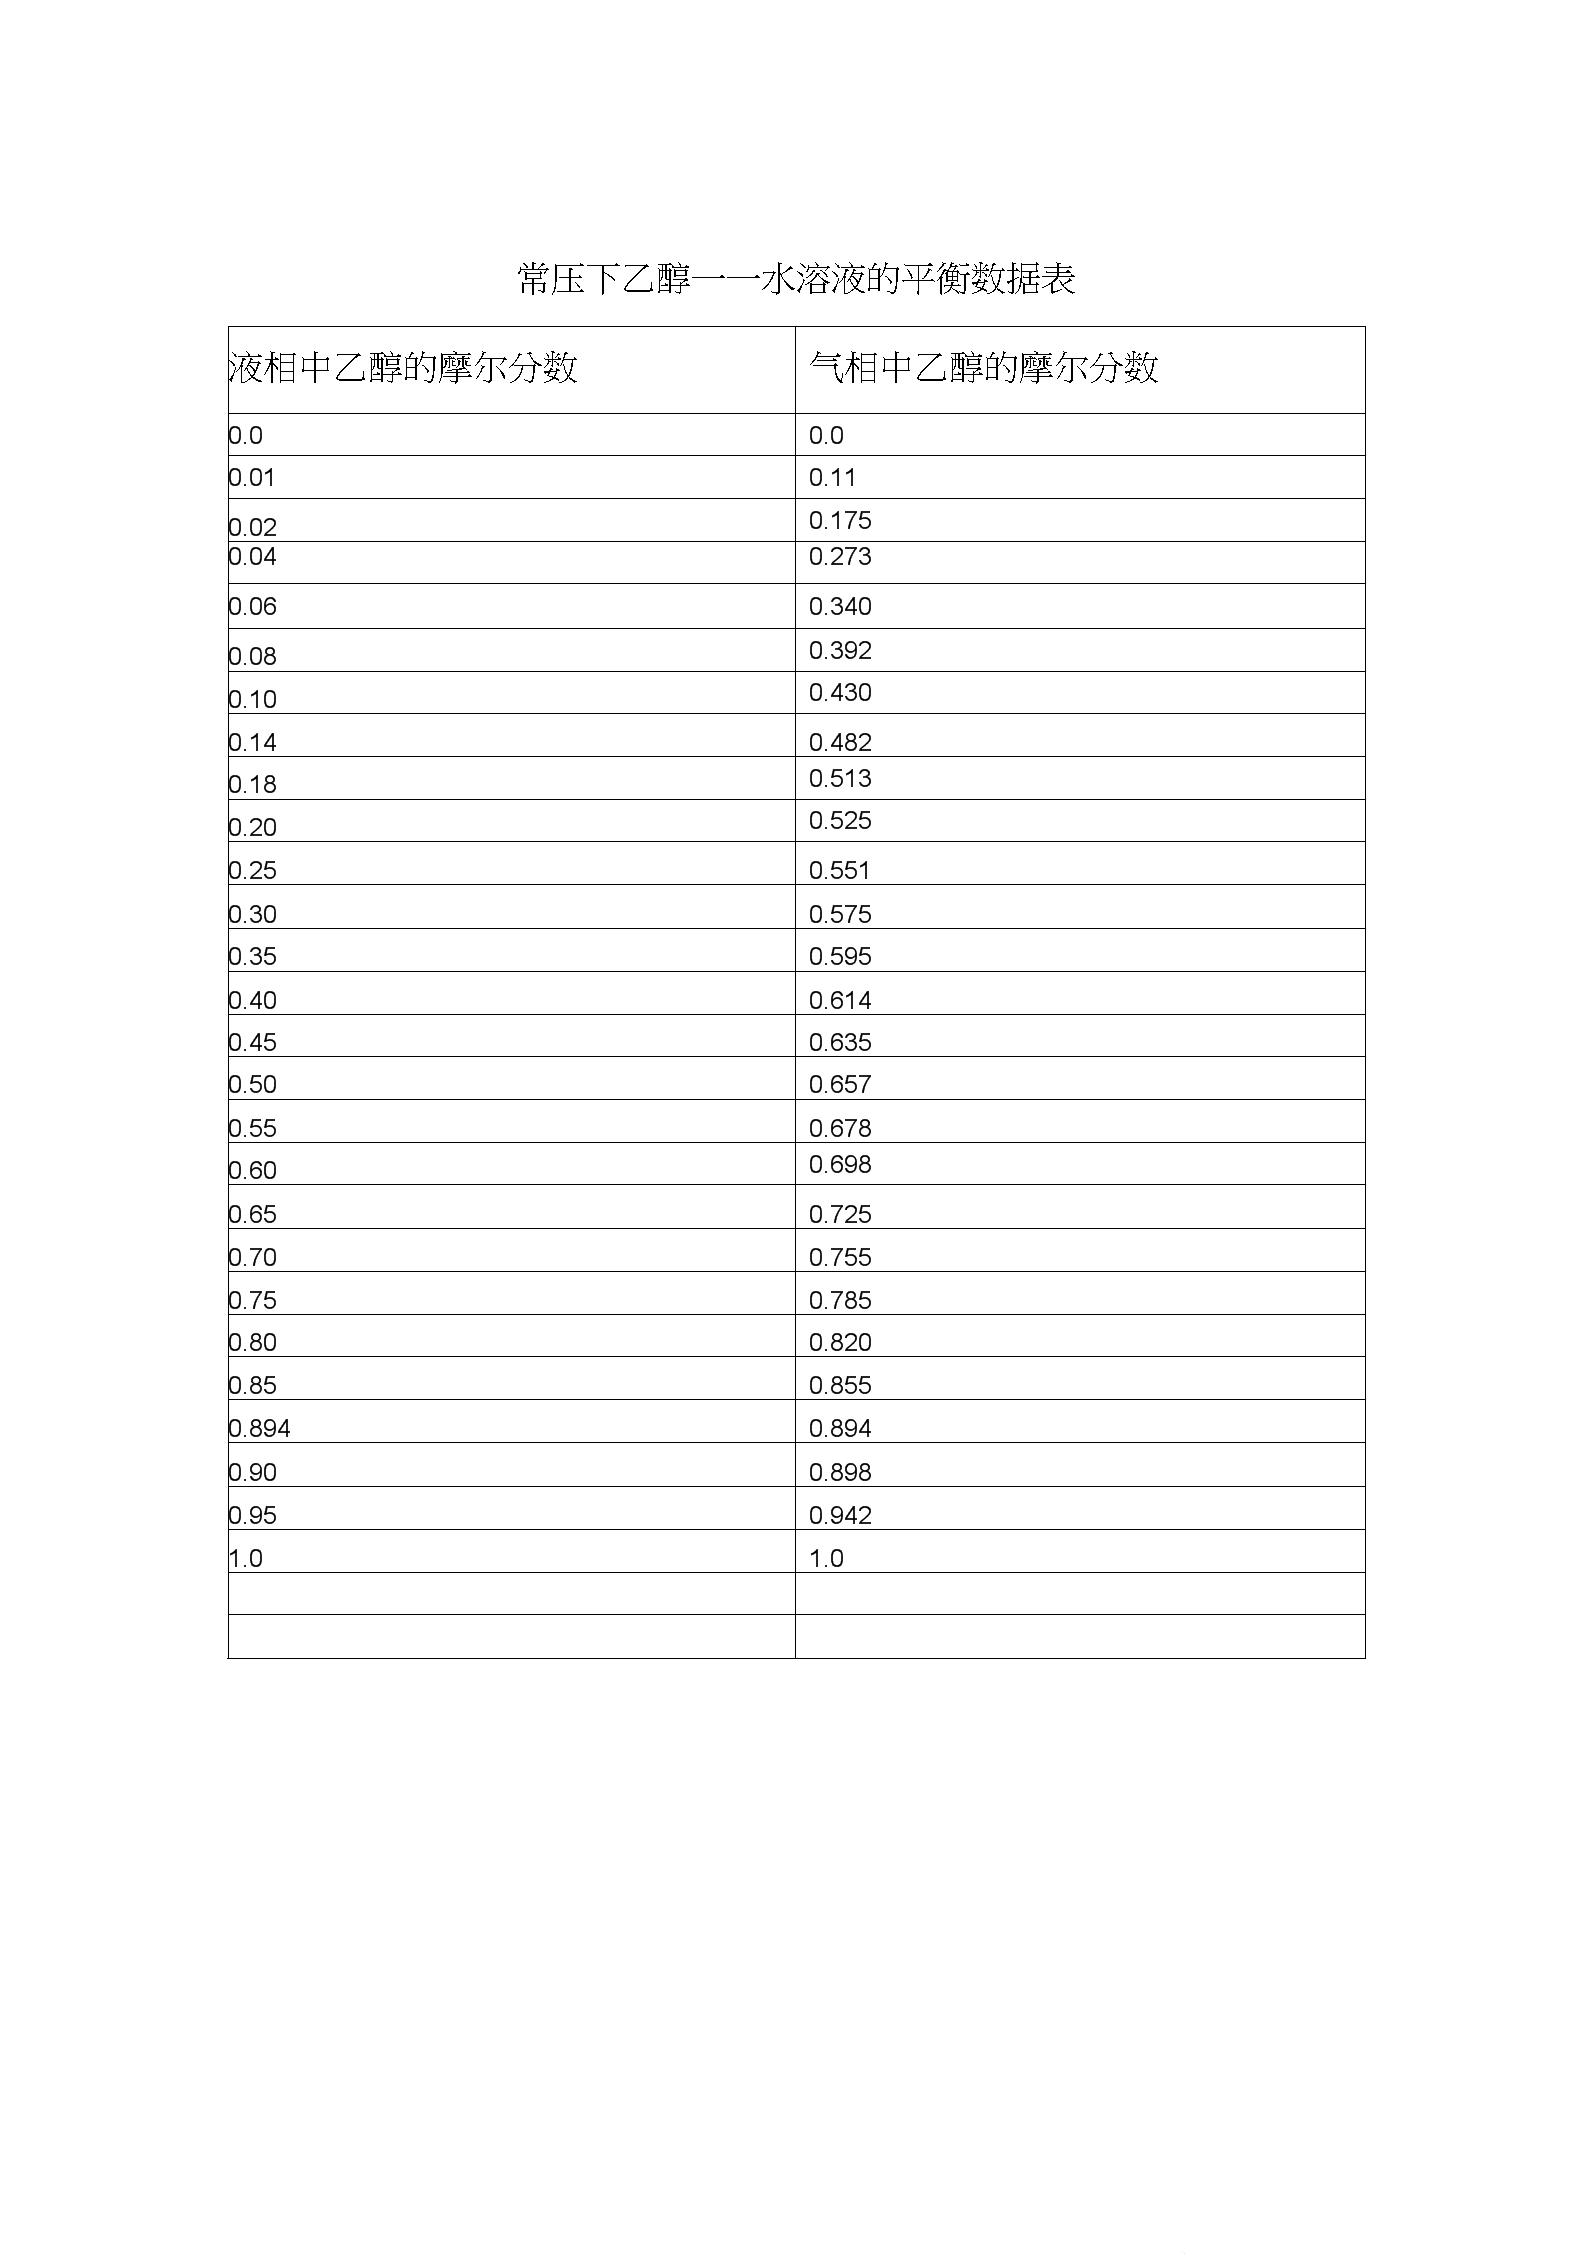 乙醇水溶液平衡数据表.docx